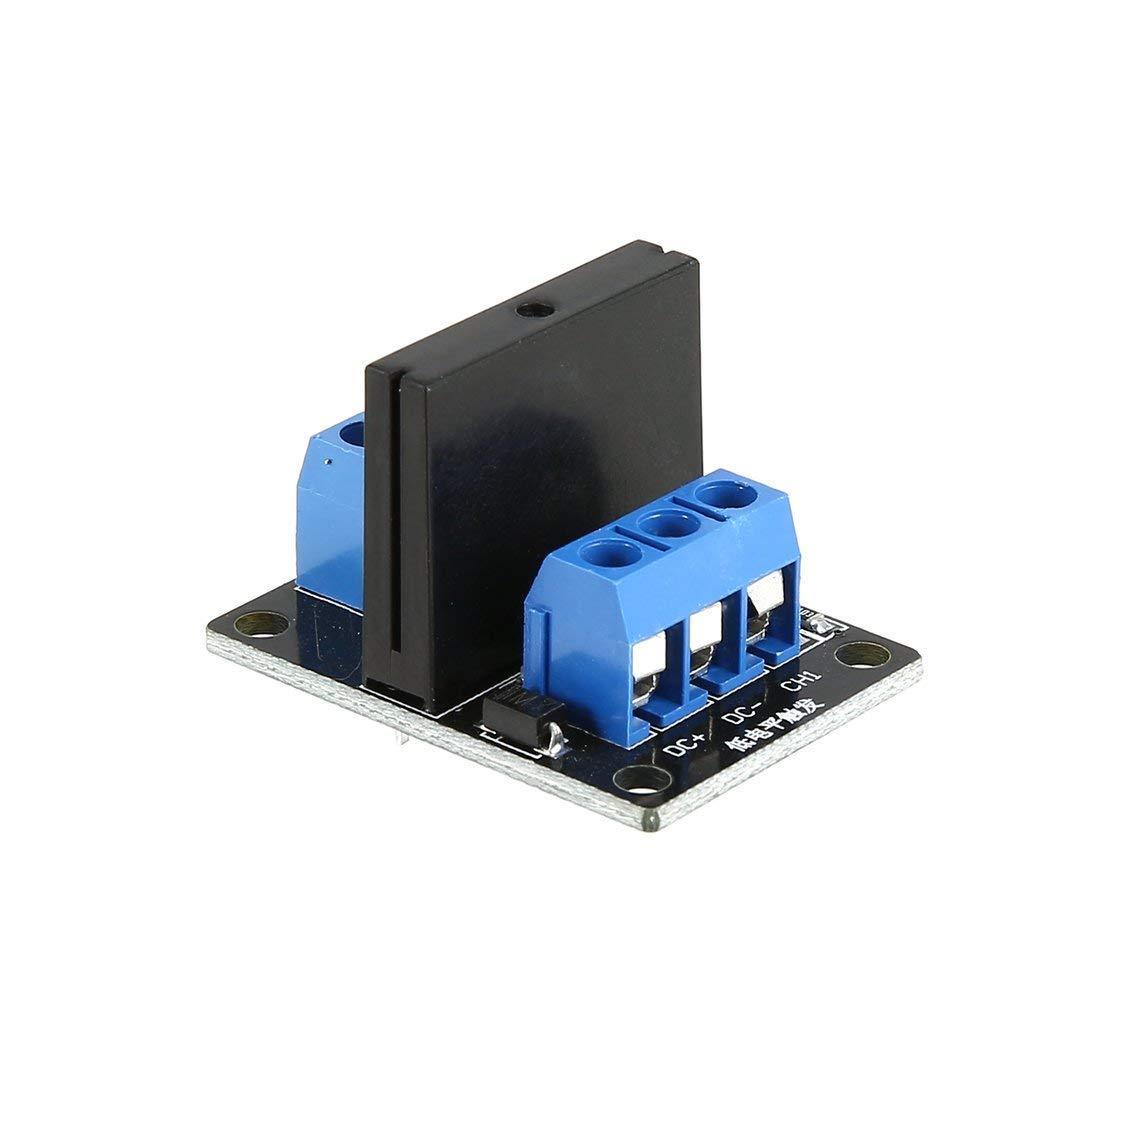 Placa de m/ódulo de rel/é de estado s/ólido de 1 v/ía DC 5V de bajo nivel SSR para Arduino